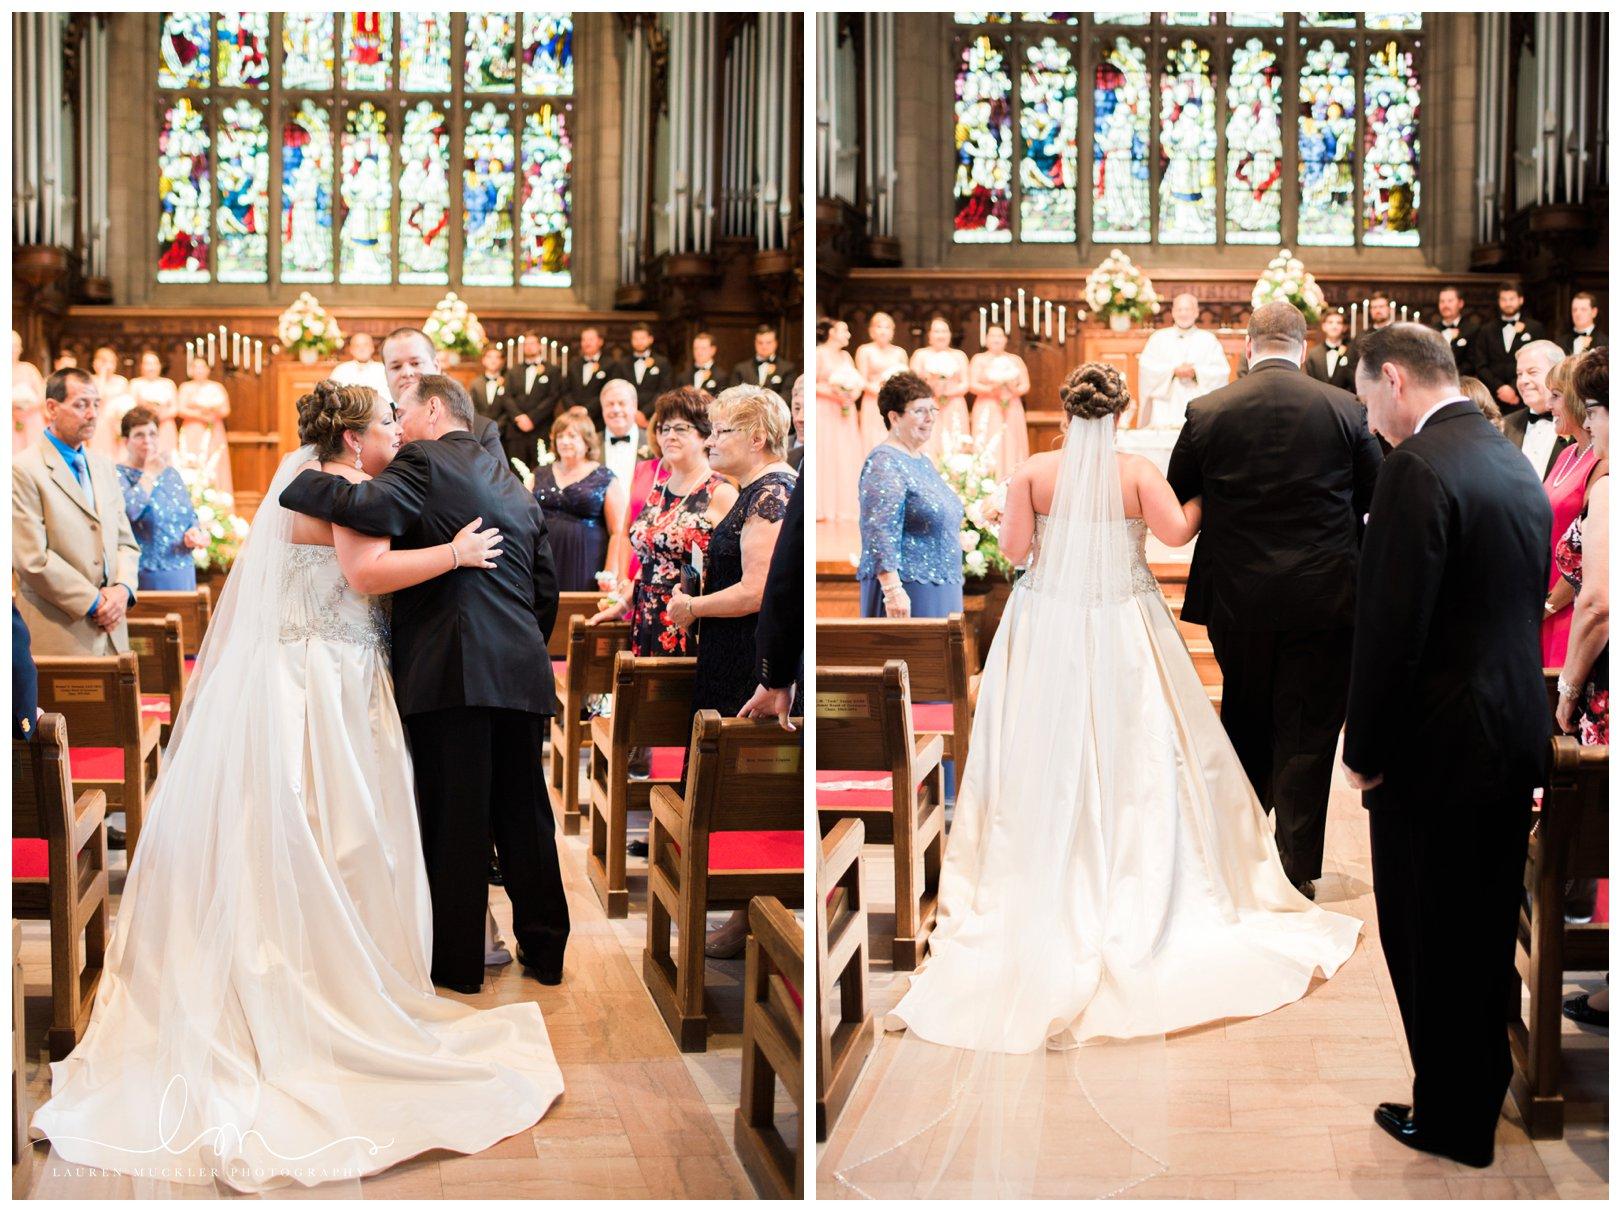 lauren muckler photography_fine art film wedding photography_st louis_photography_0621.jpg